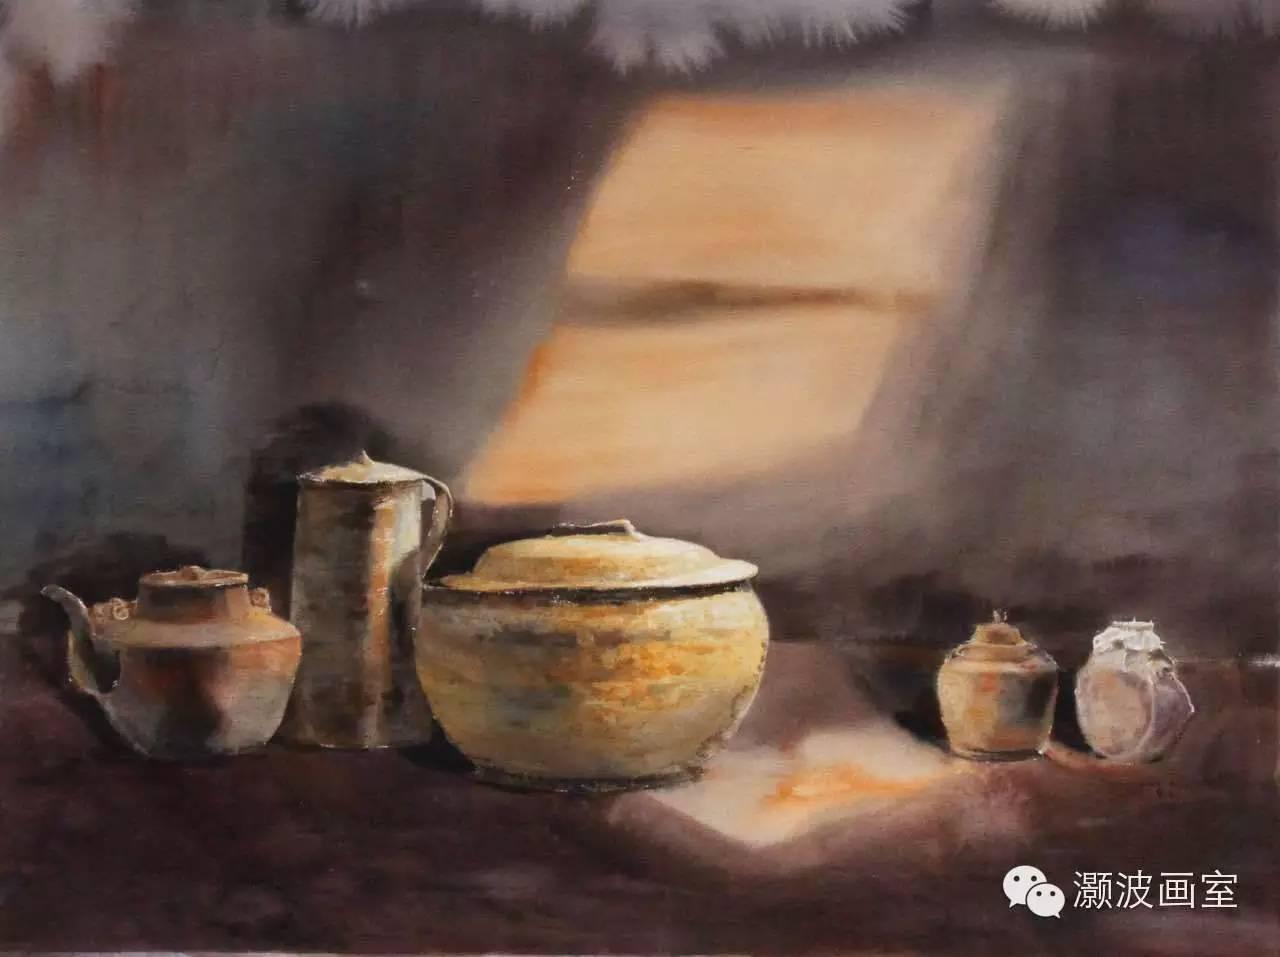 著名蒙古族青年水彩画家宝玉作品欣赏 第2张